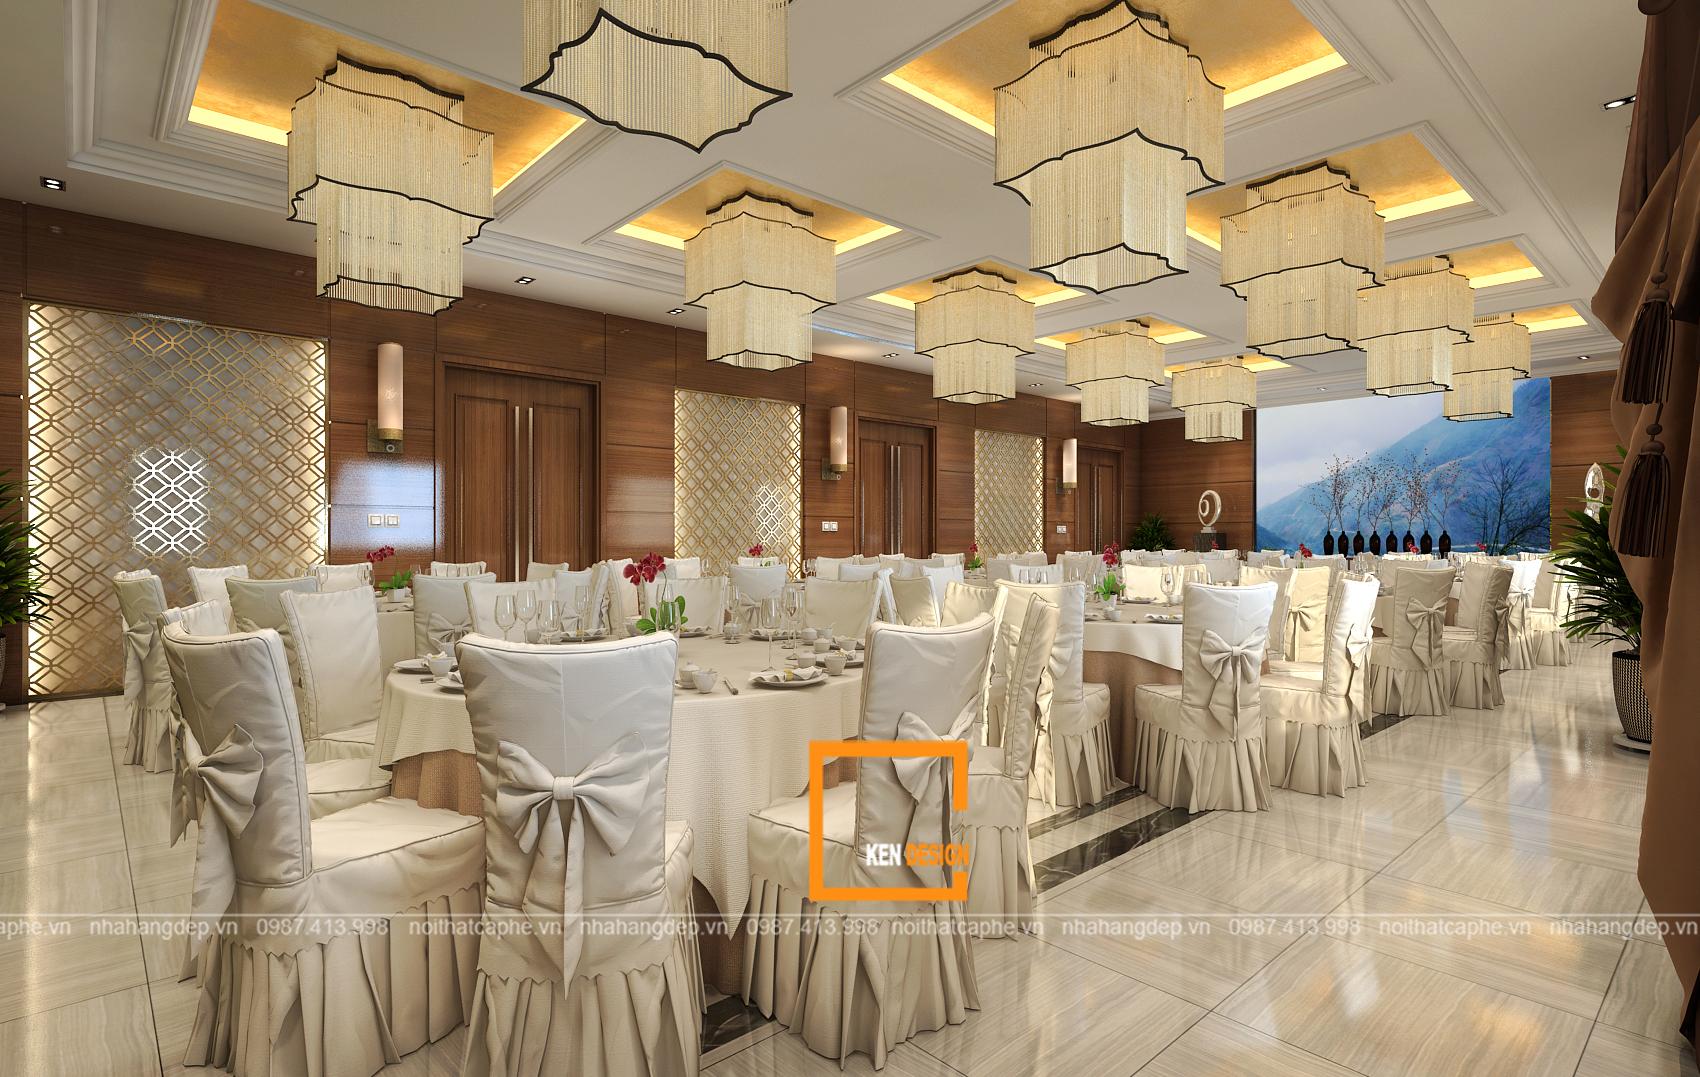 Thiết kế trung tâm tổ chức tiệc cưới